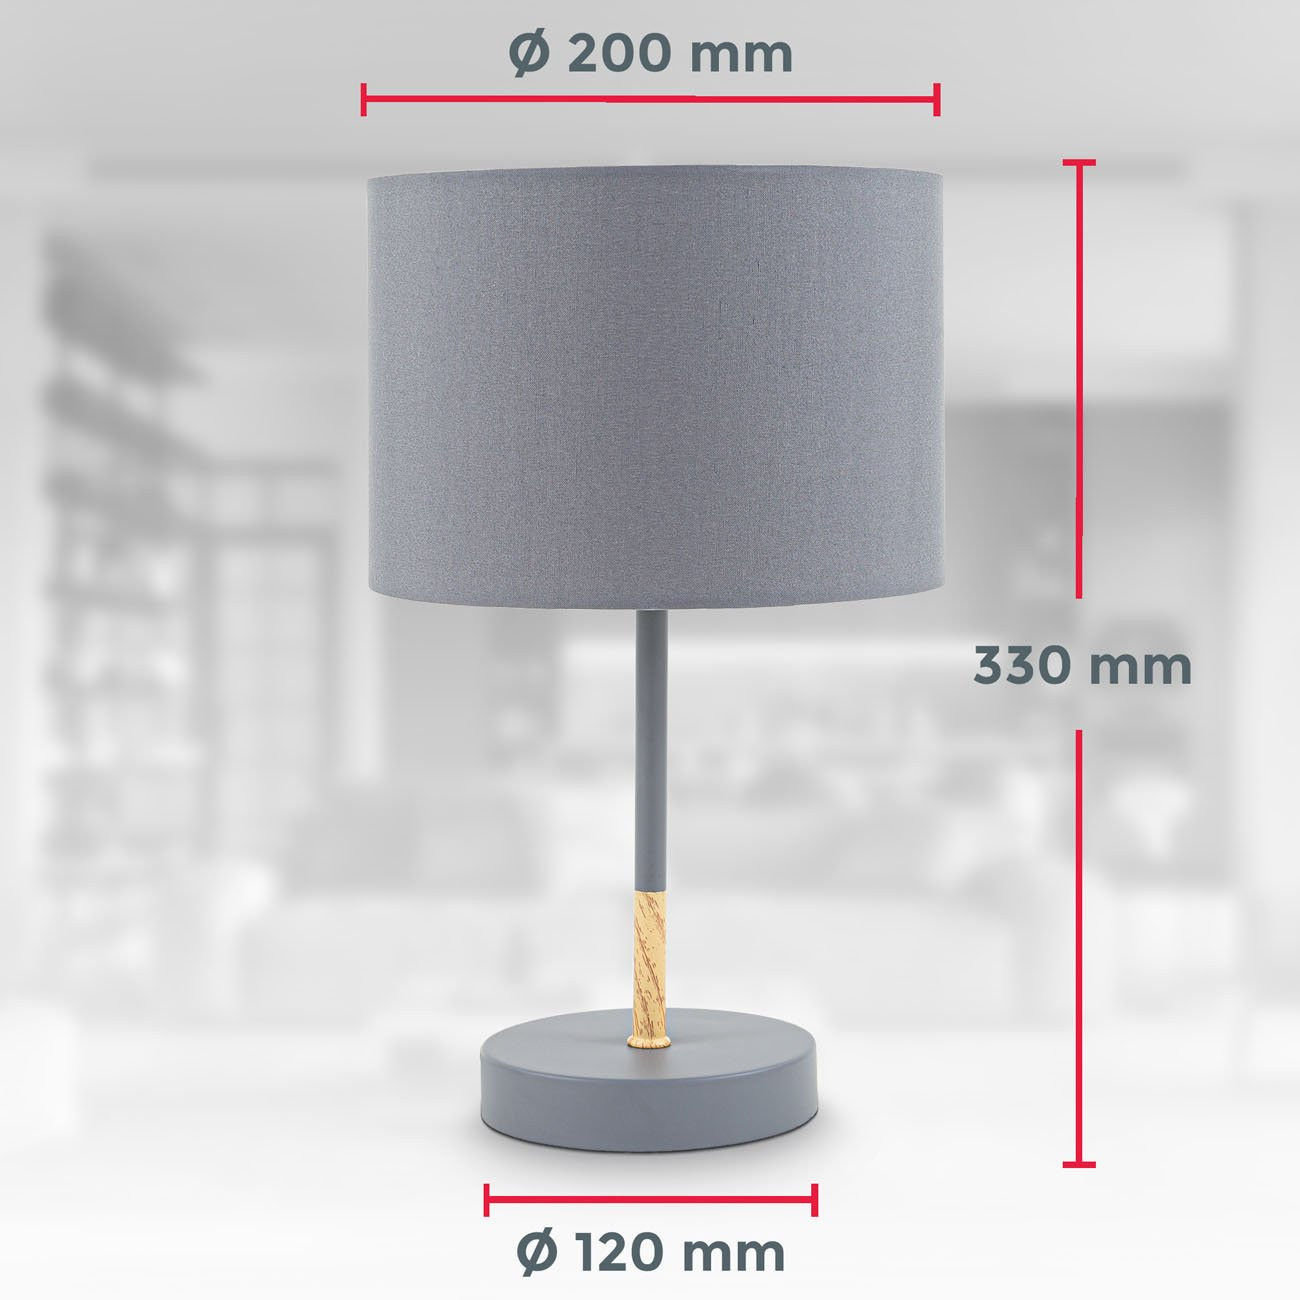 Tischleuchte mit Stoffschirm Holz-Metall grau - 6